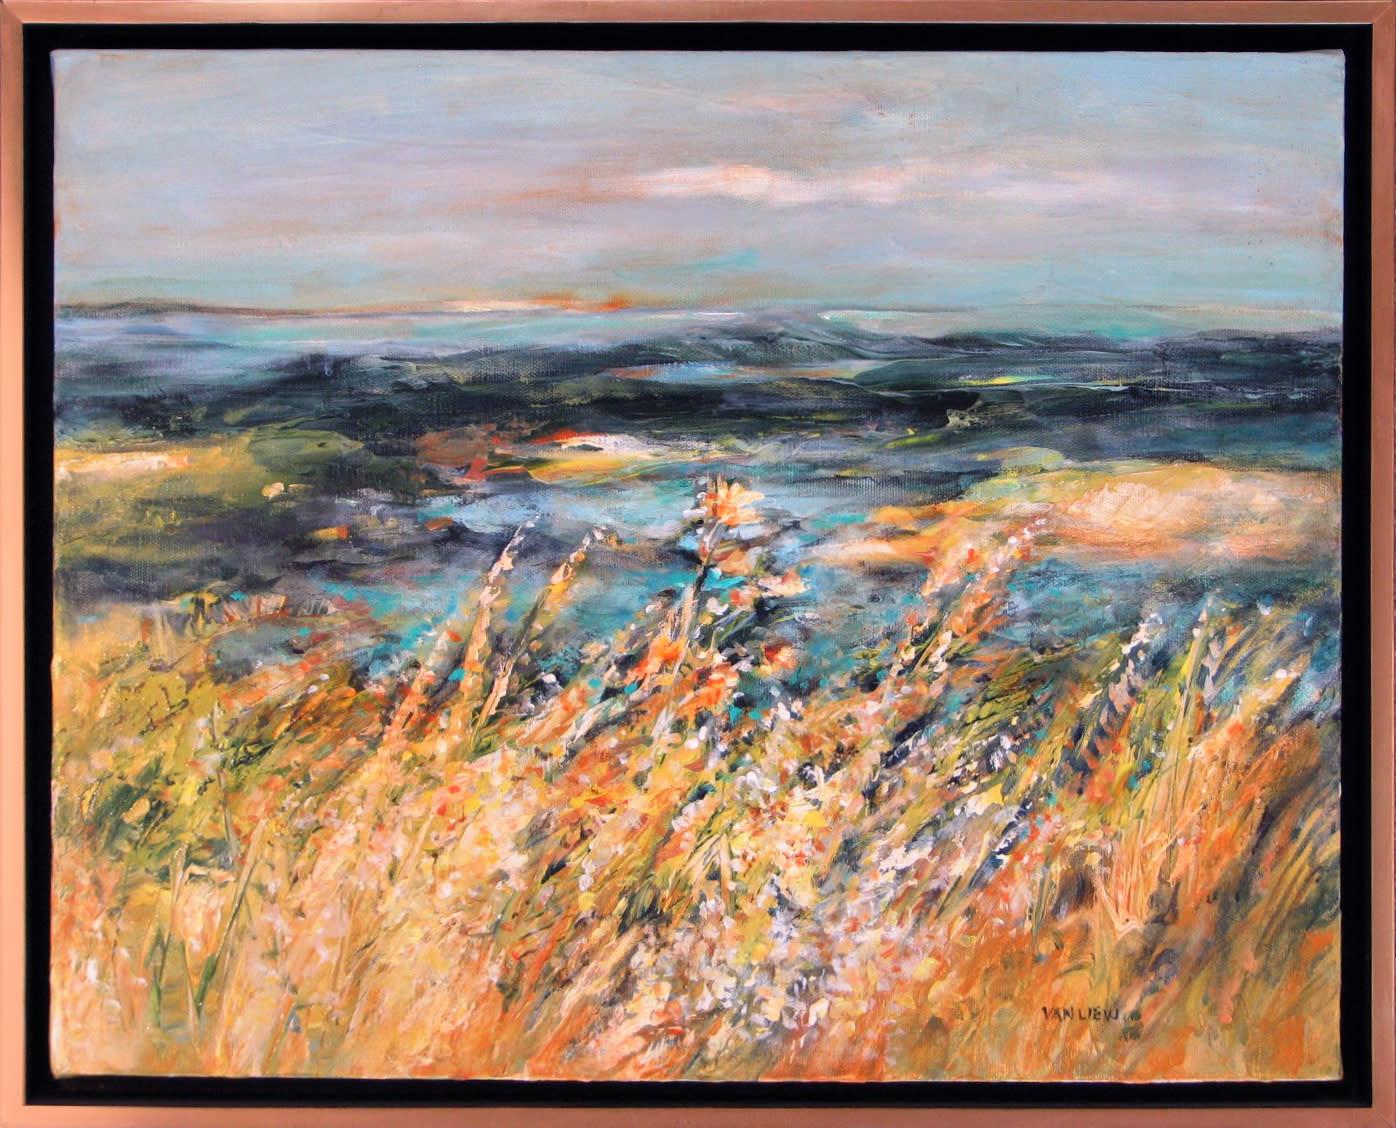 Lois van liew   sunflower line up   oil on canvas   16 x 20   650 jbpucx